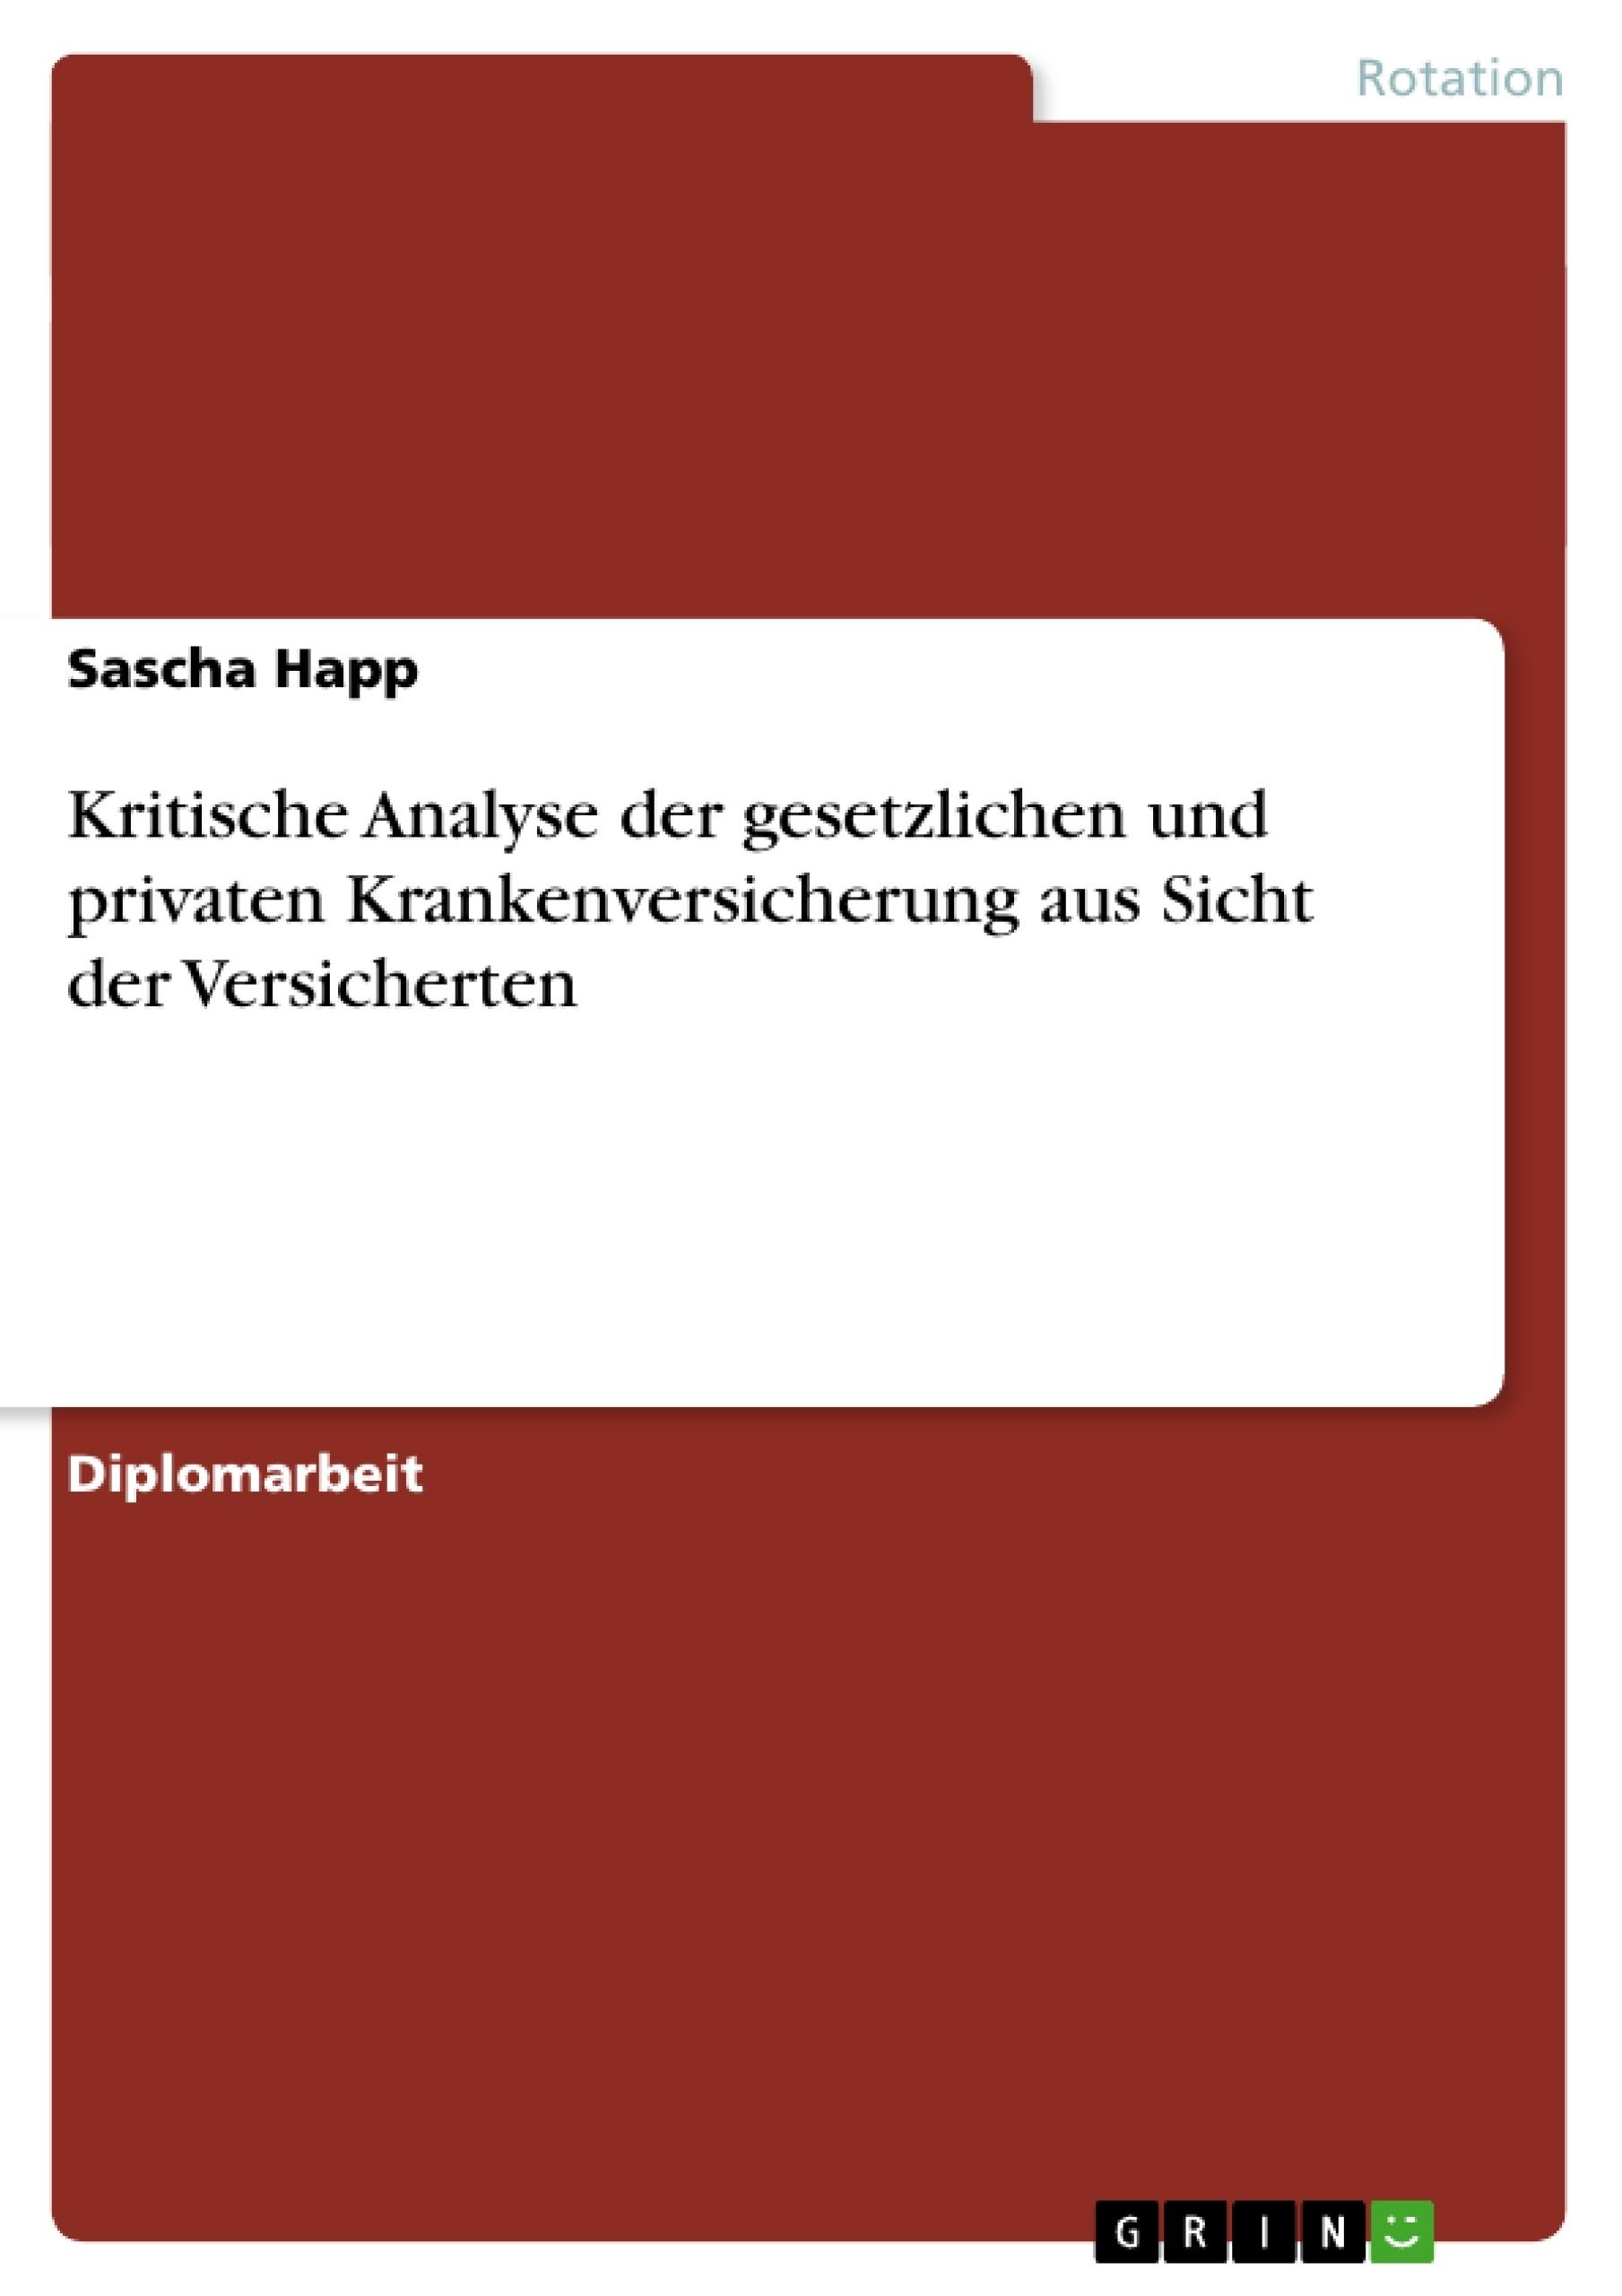 Titel: Kritische Analyse der gesetzlichen und privaten Krankenversicherung aus Sicht der Versicherten